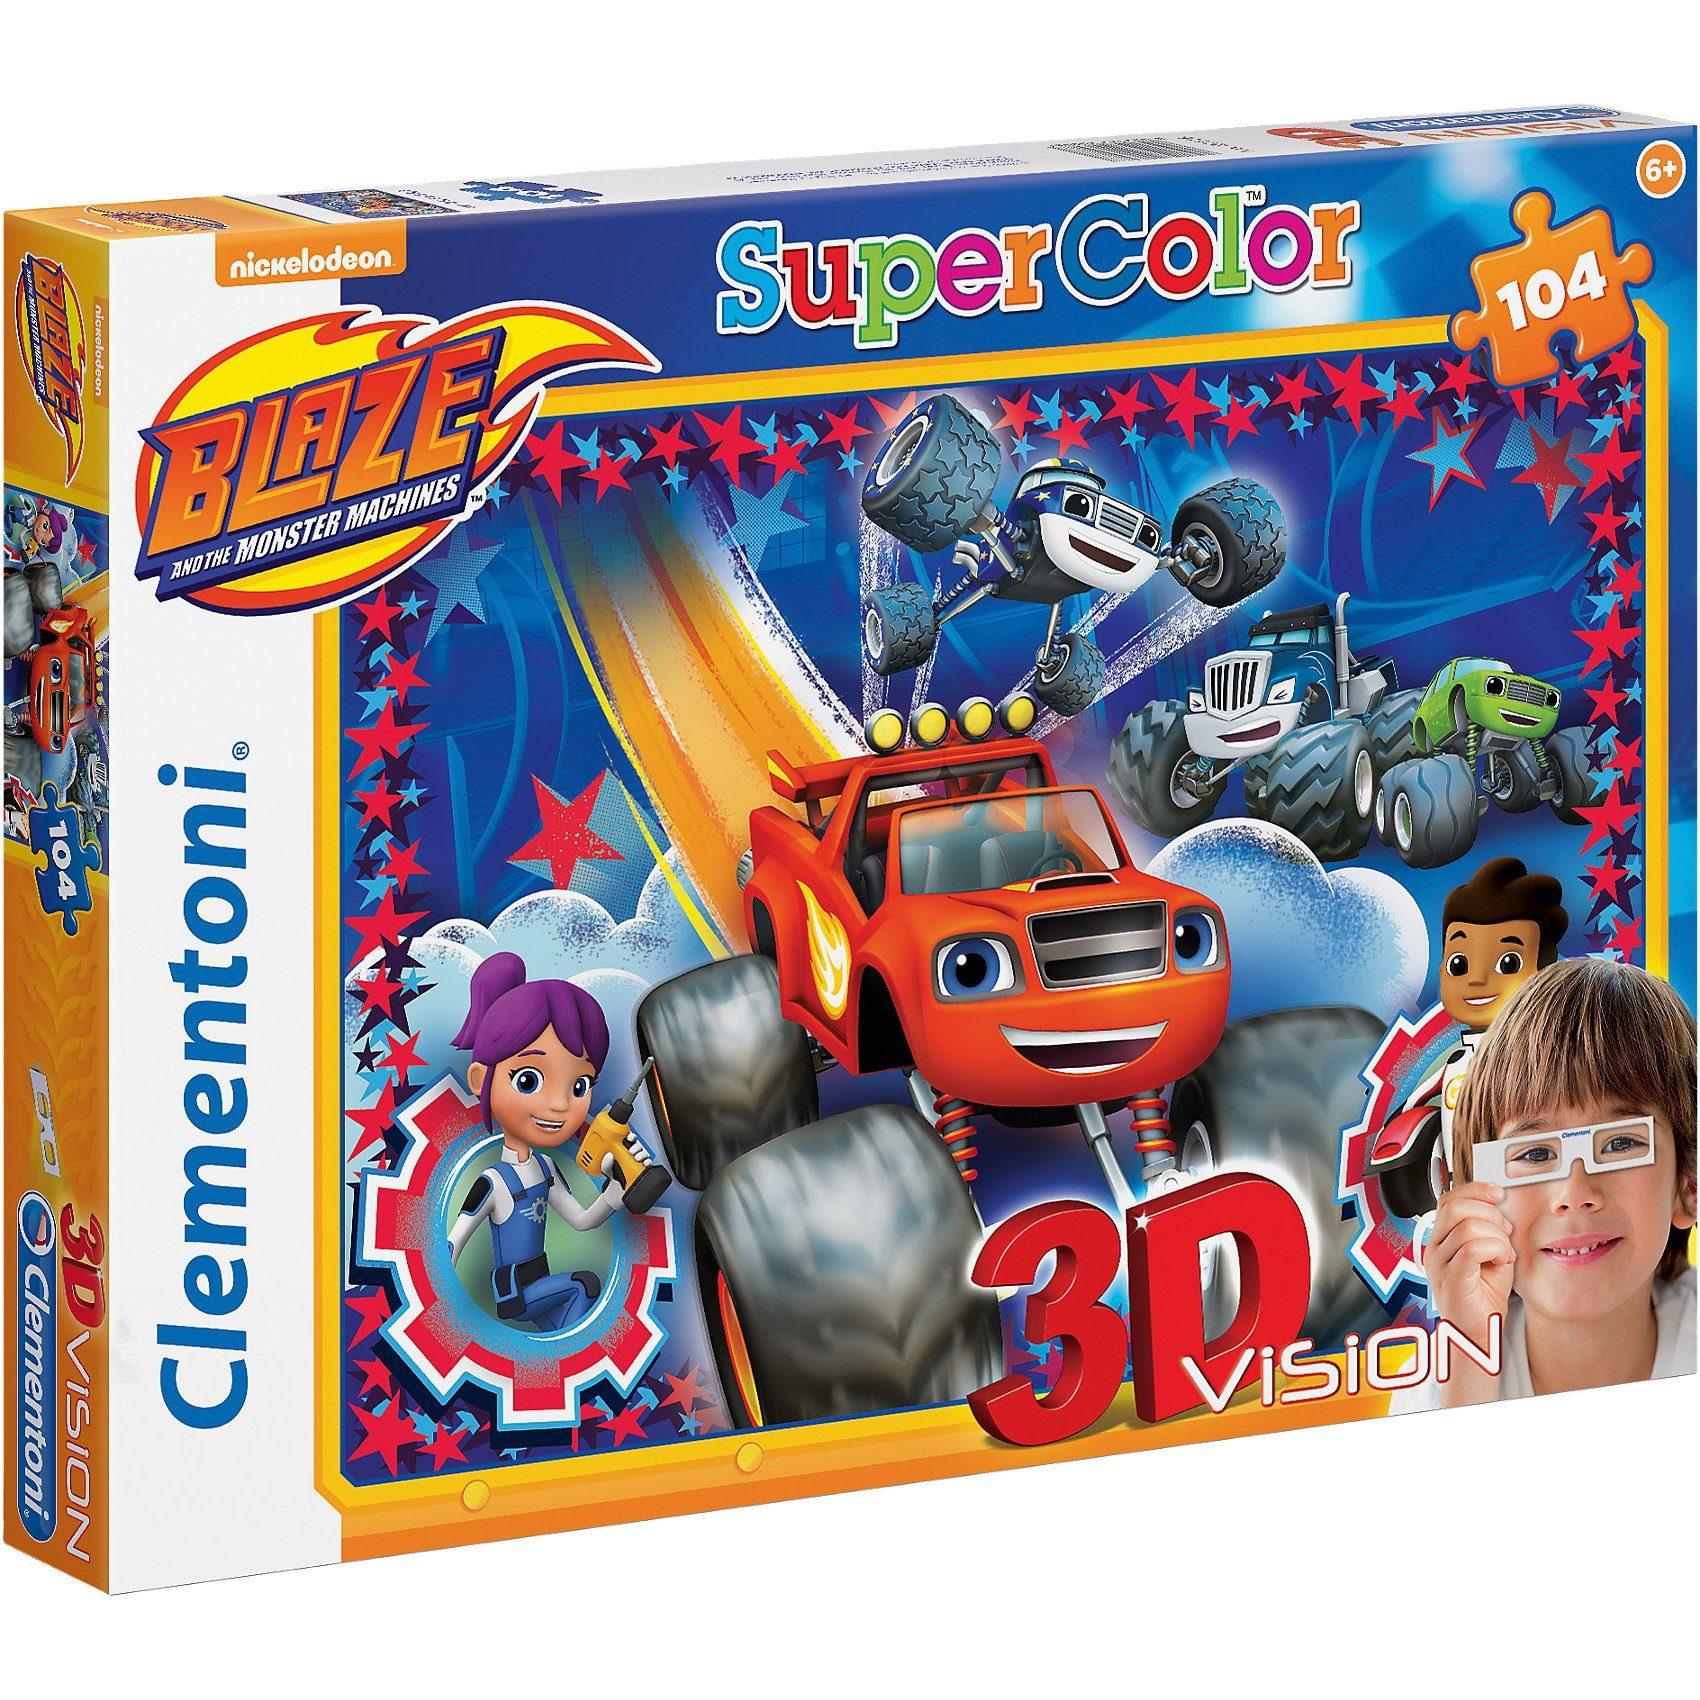 Clementoni® 3D Vision Puzzle 104 Teile - Blaze